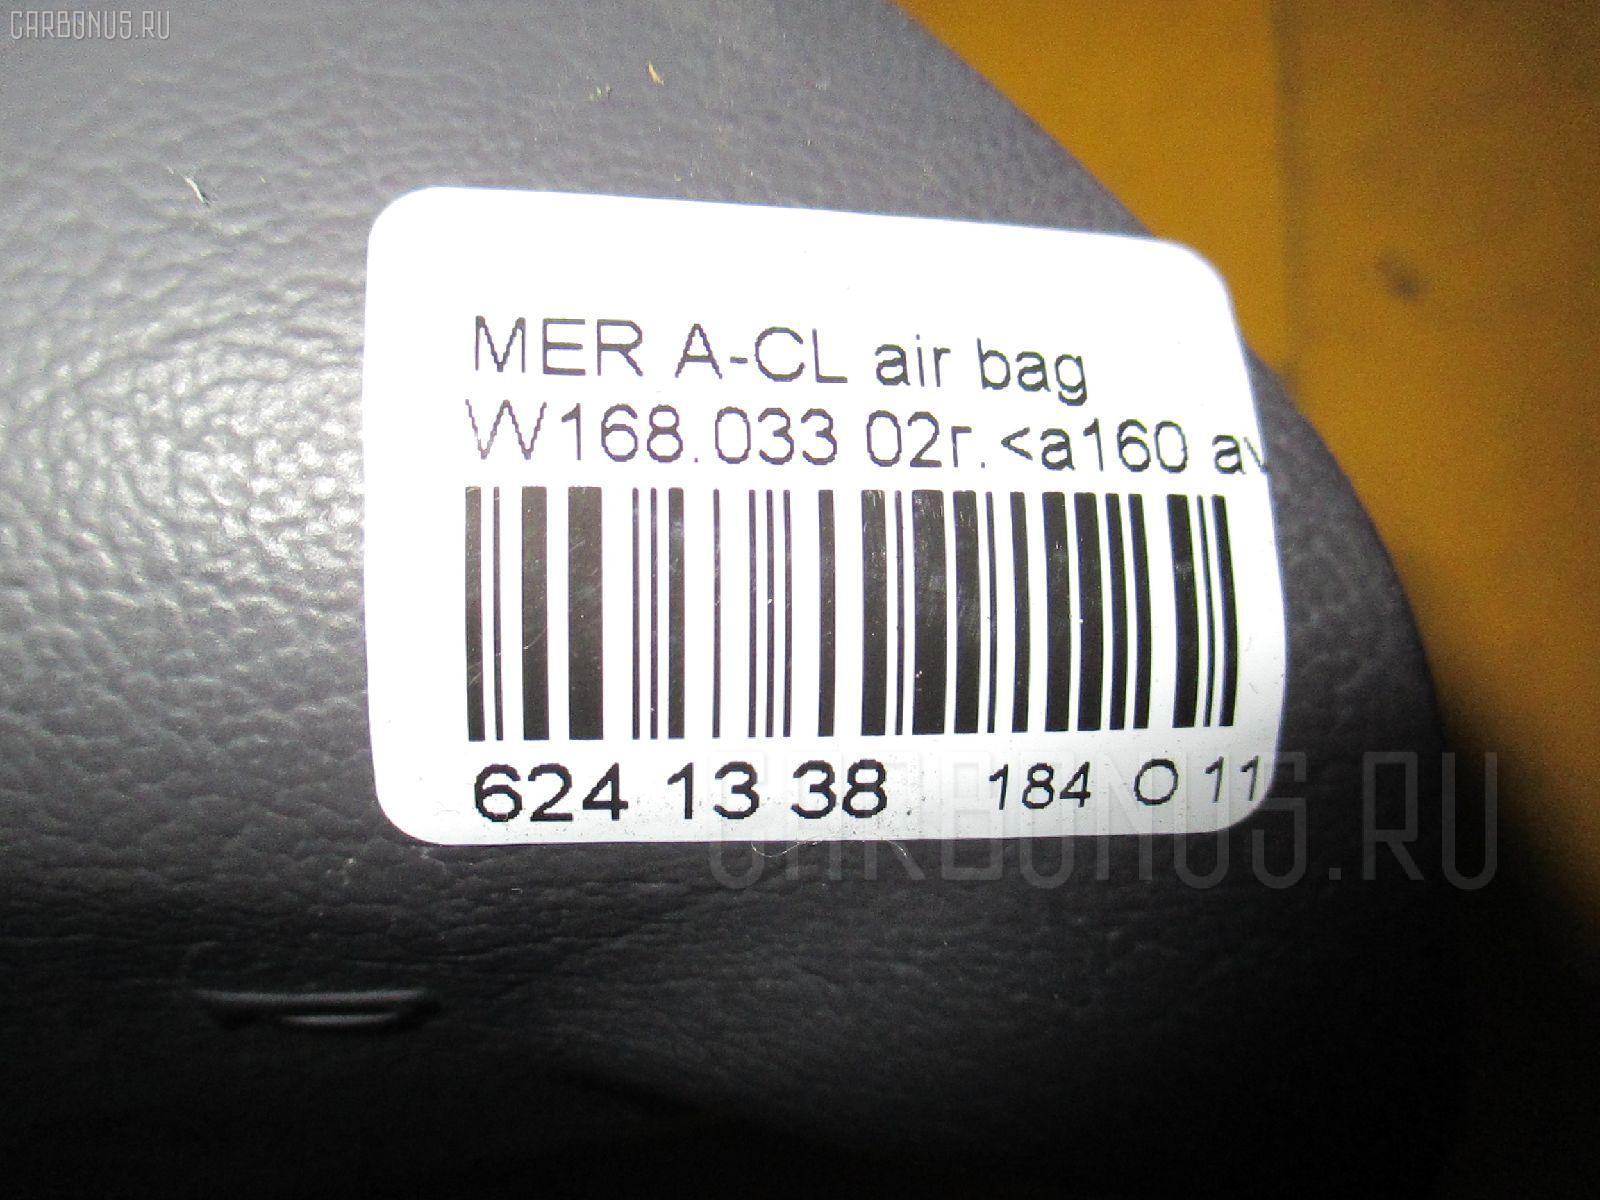 Крышка air bag MERCEDES-BENZ A-CLASS W168.033 Фото 3